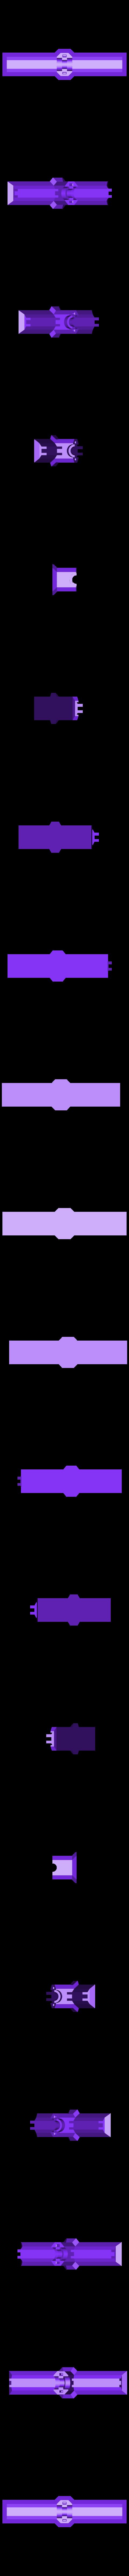 baseBottom.stl Télécharger fichier STL gratuit Oldie Vice • Design pour impression 3D, AnsonB